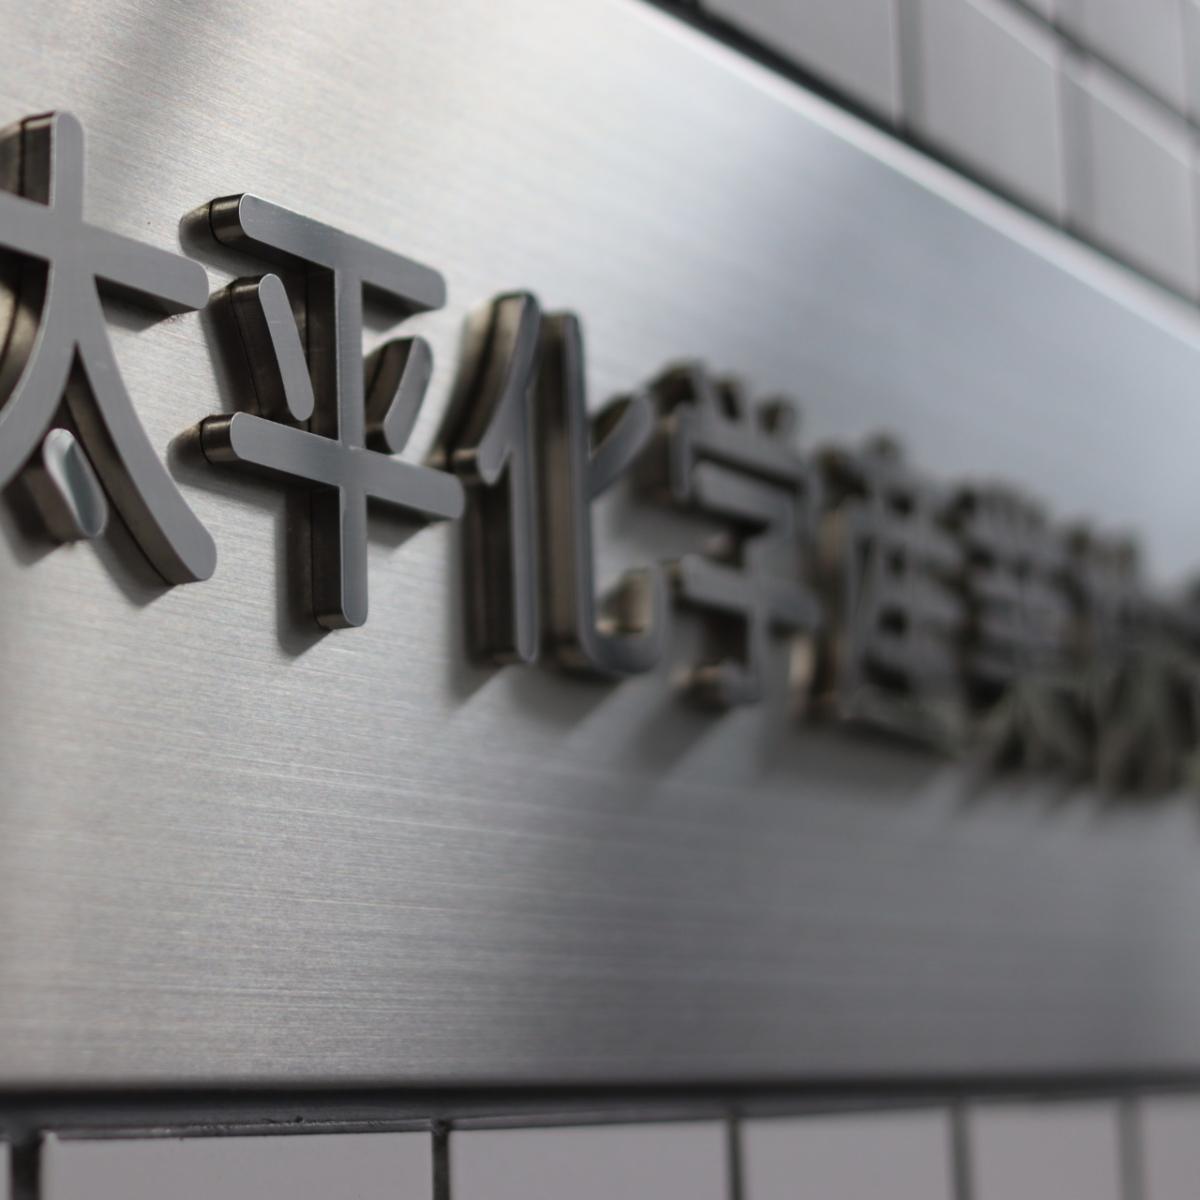 太平化学産業株式会社